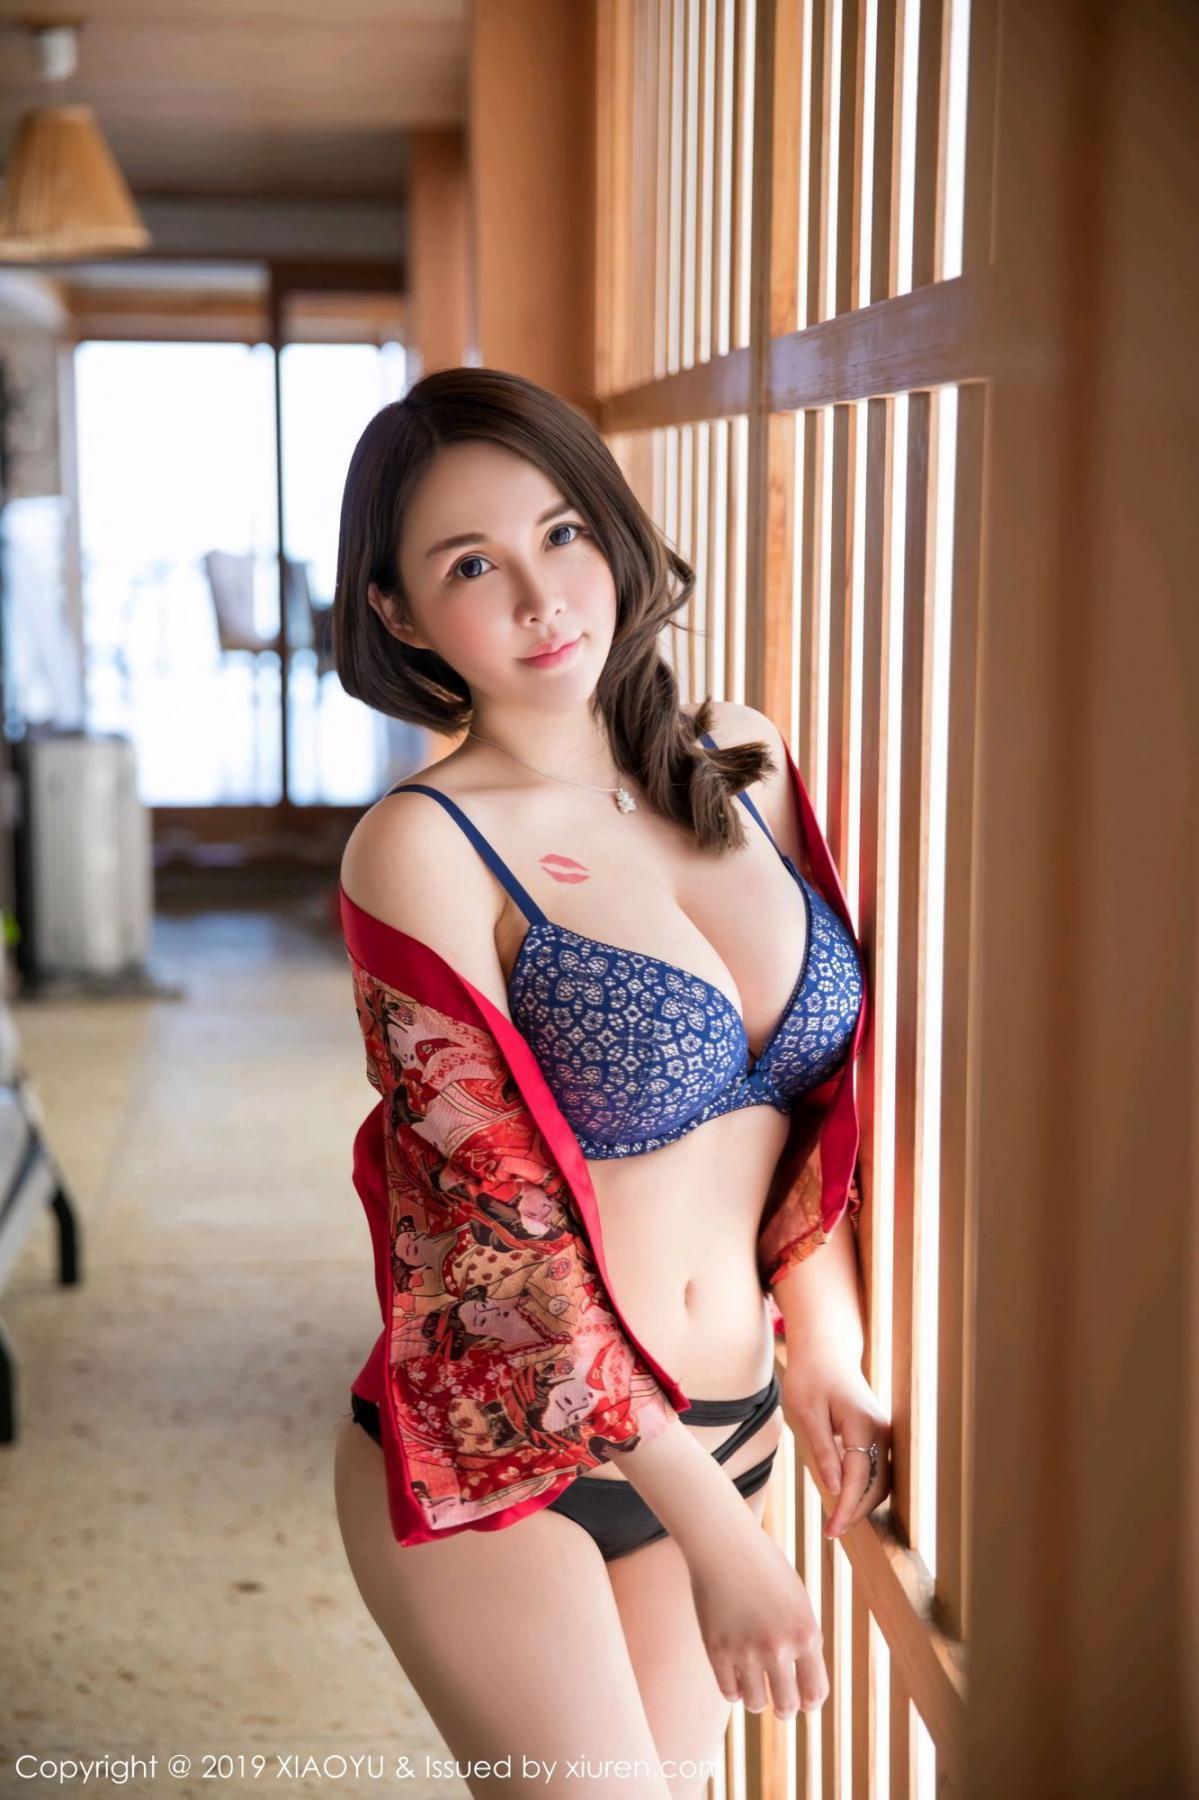 [XiaoYu] Vol.137 Shen Mi Tao 16P, Kimono, Shen Mi Tao, Underwear, XiaoYu